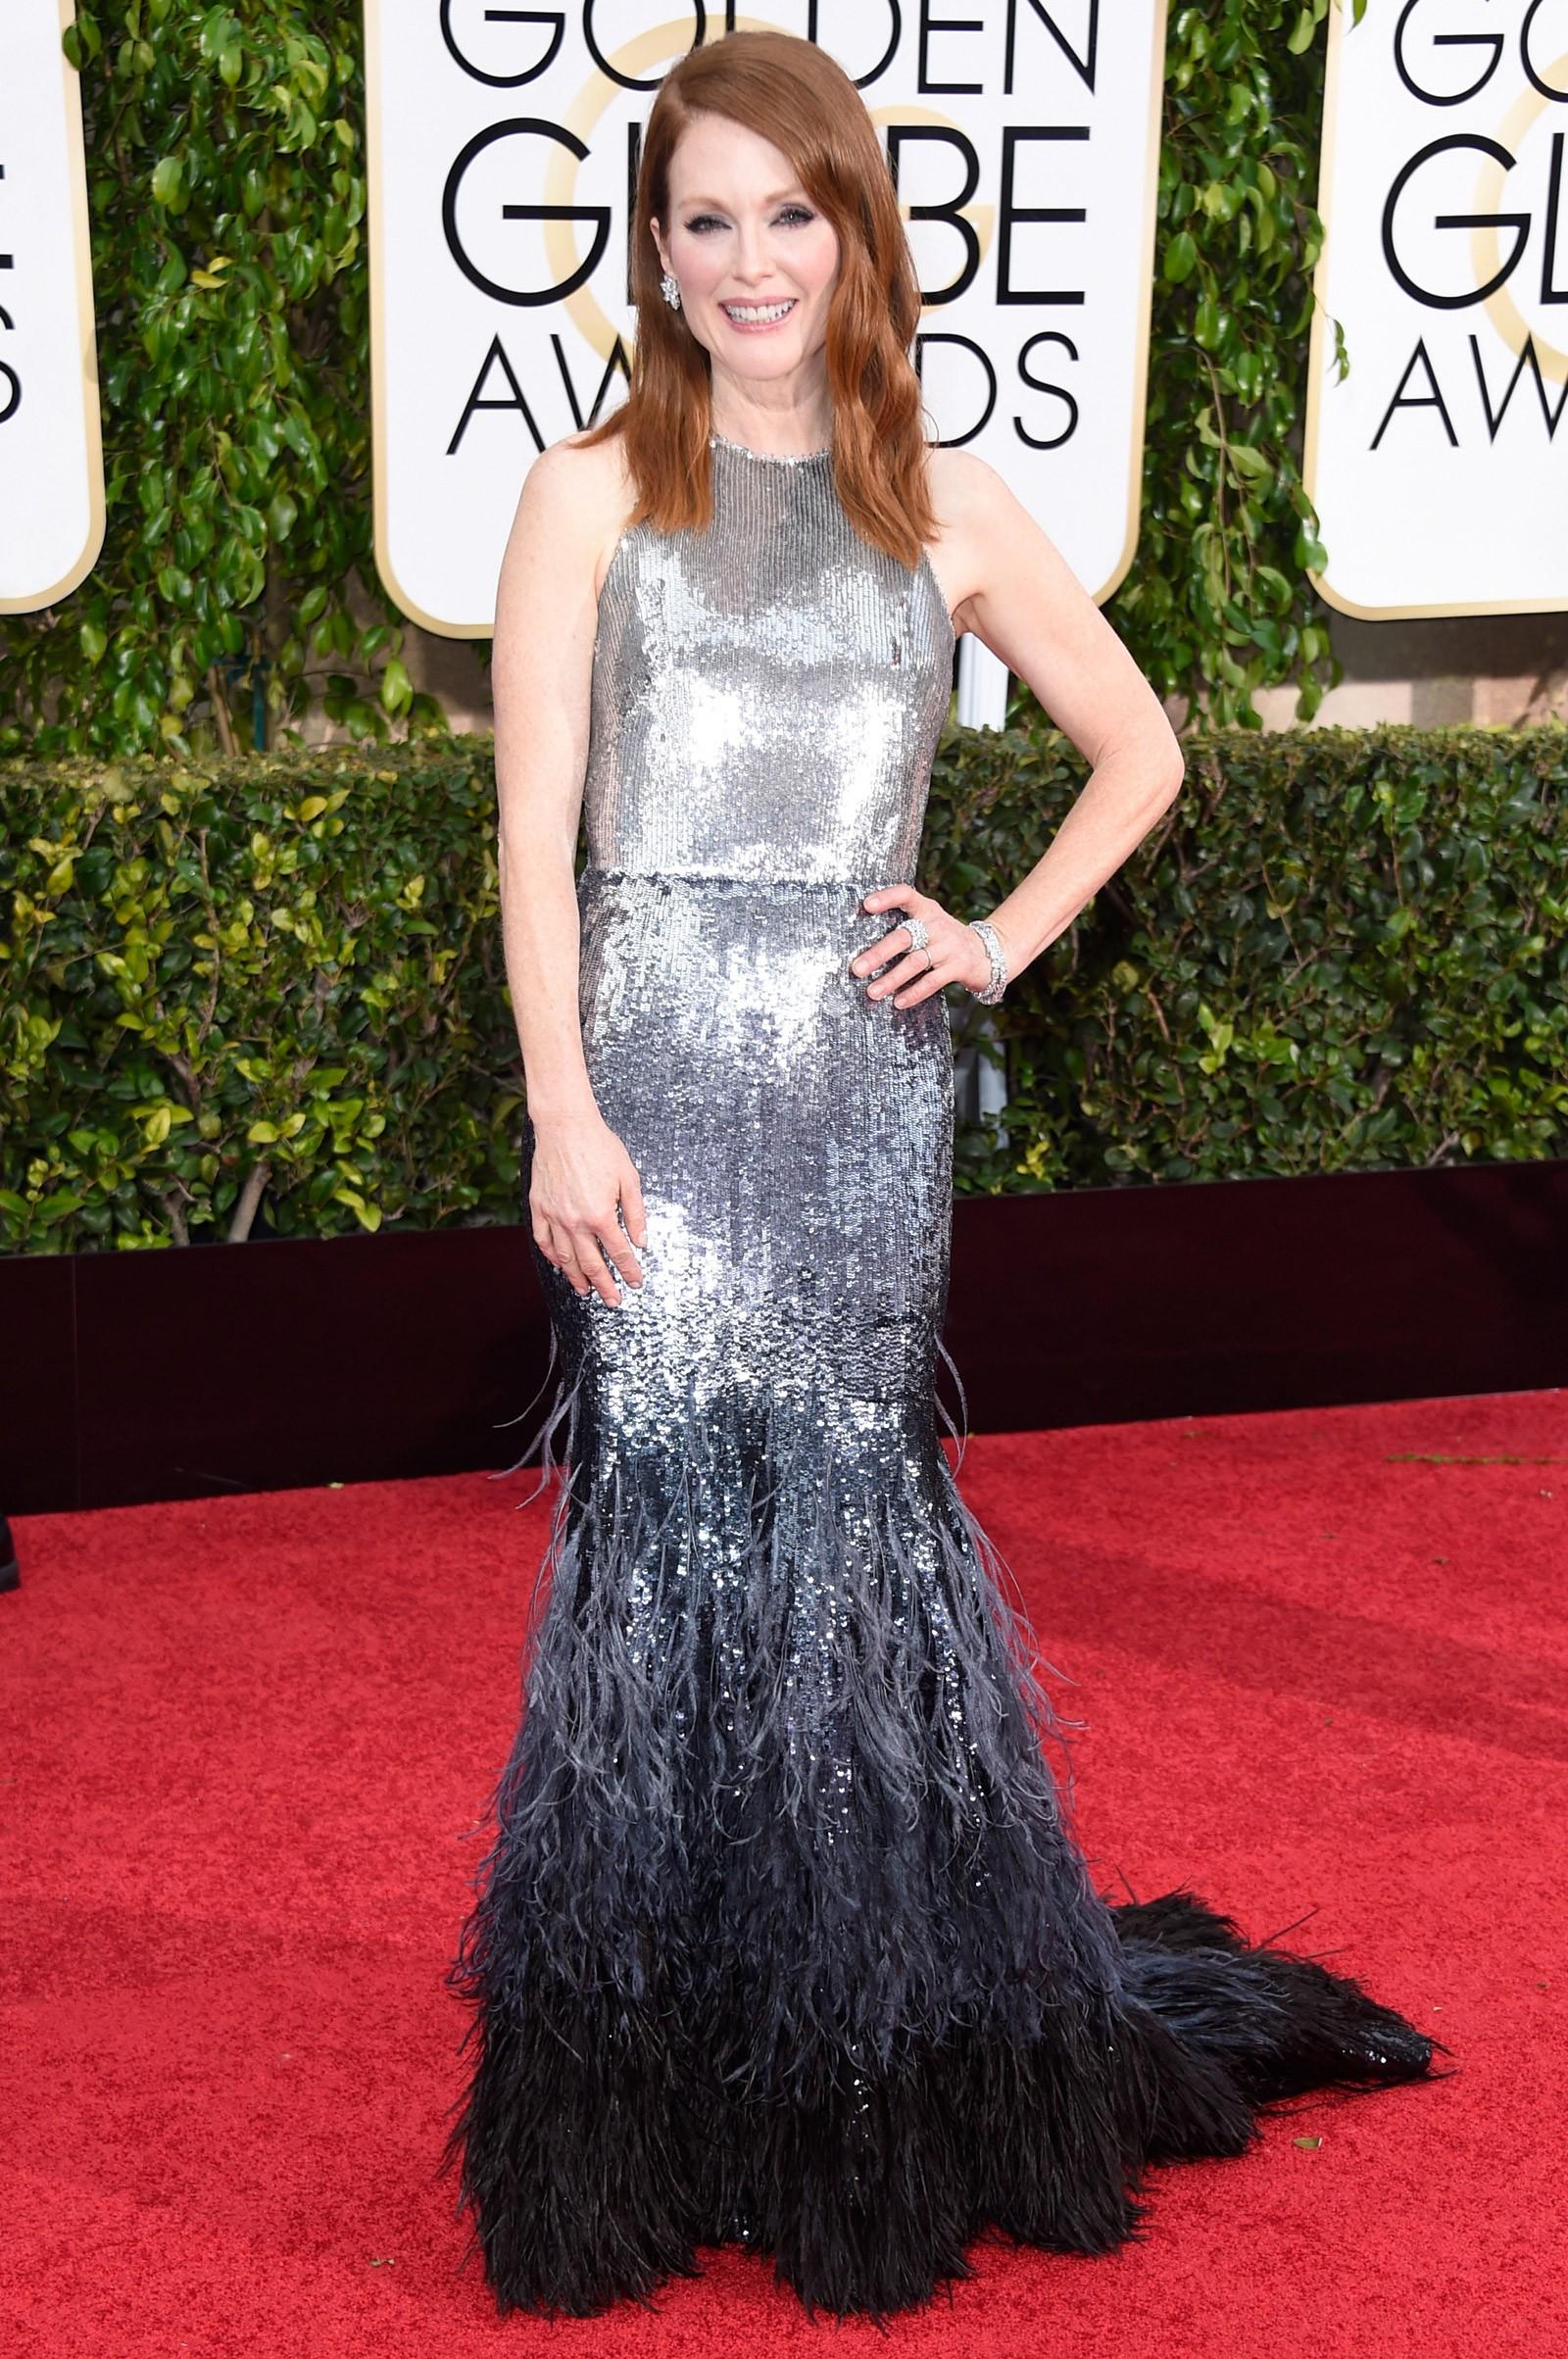 2014 - melhor atriz de drama para Julianne Moore, que vestiu Givenchy (Foto: Getty Images)